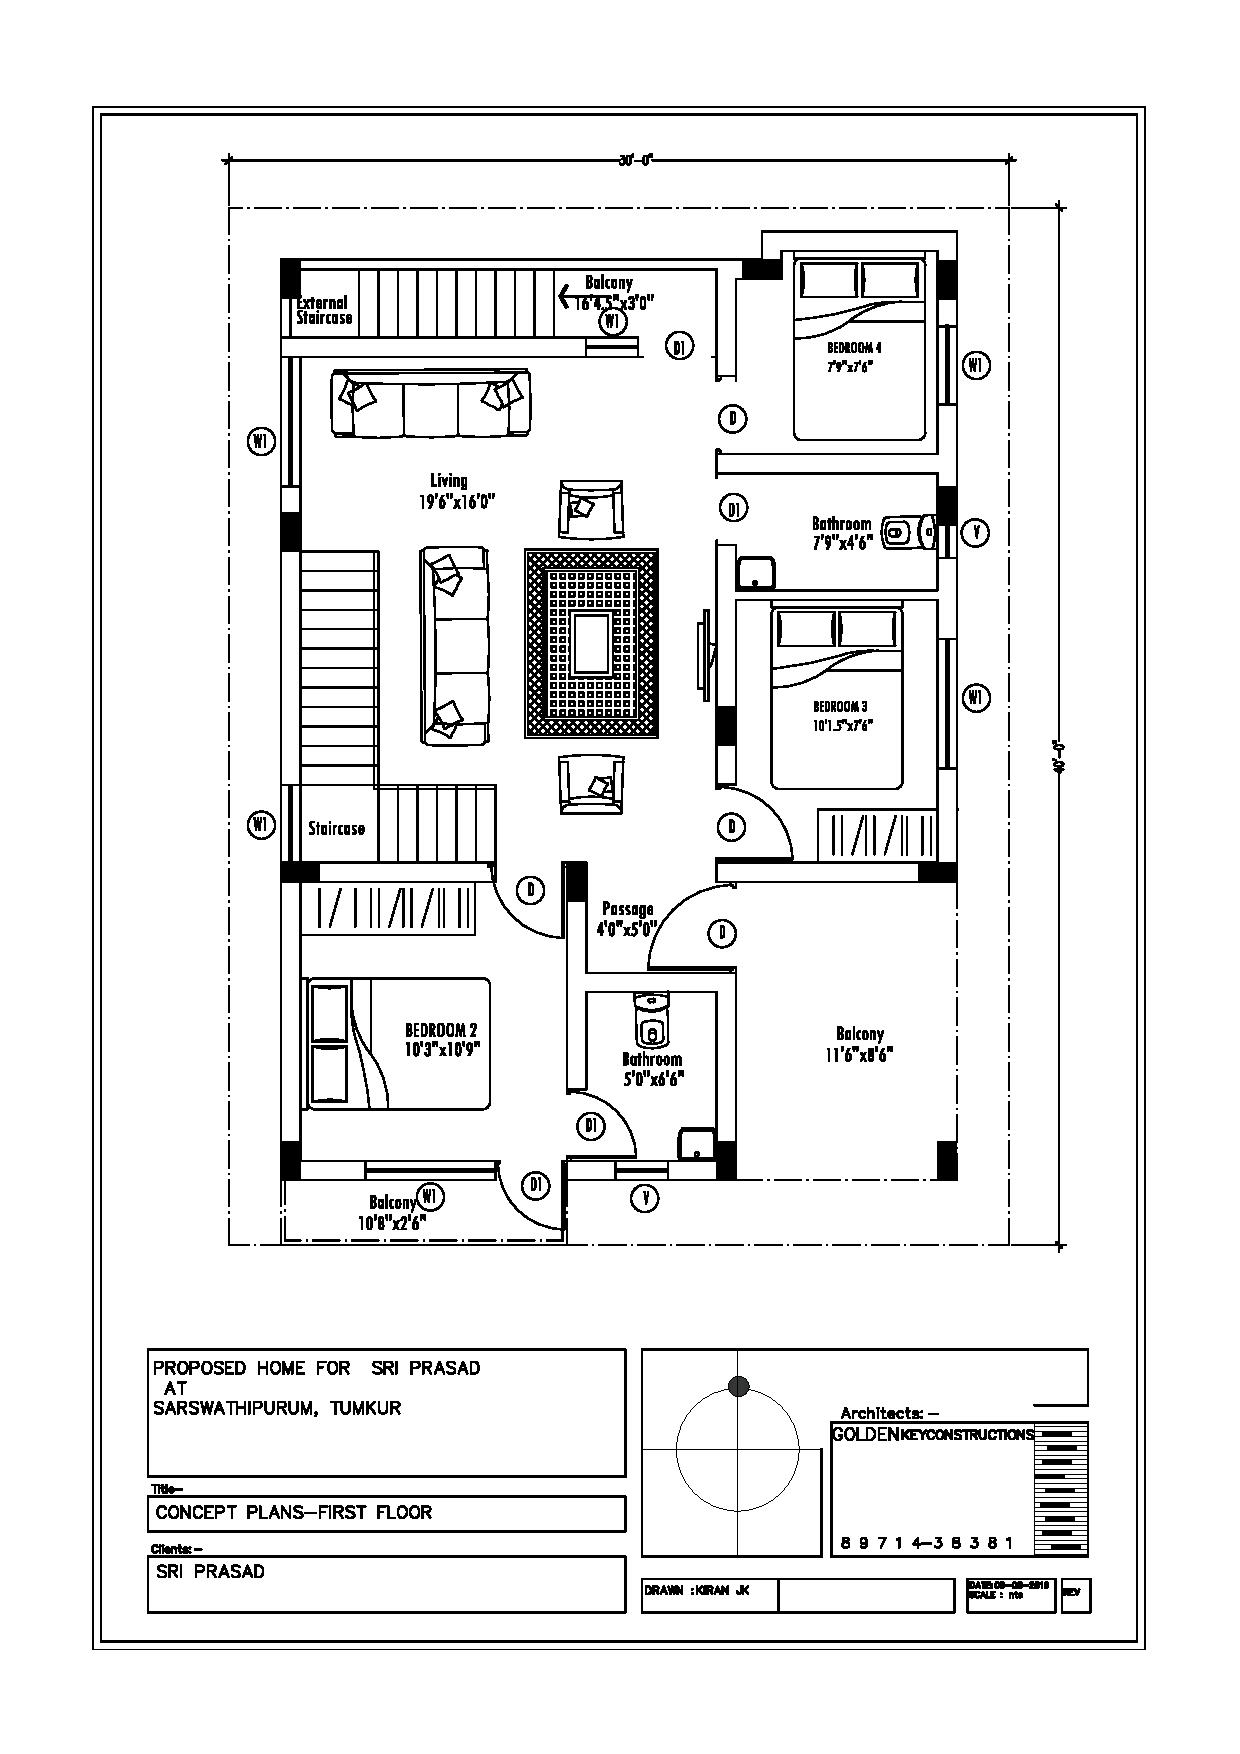 Mr Pra333.pdf 11.8.19-page-001